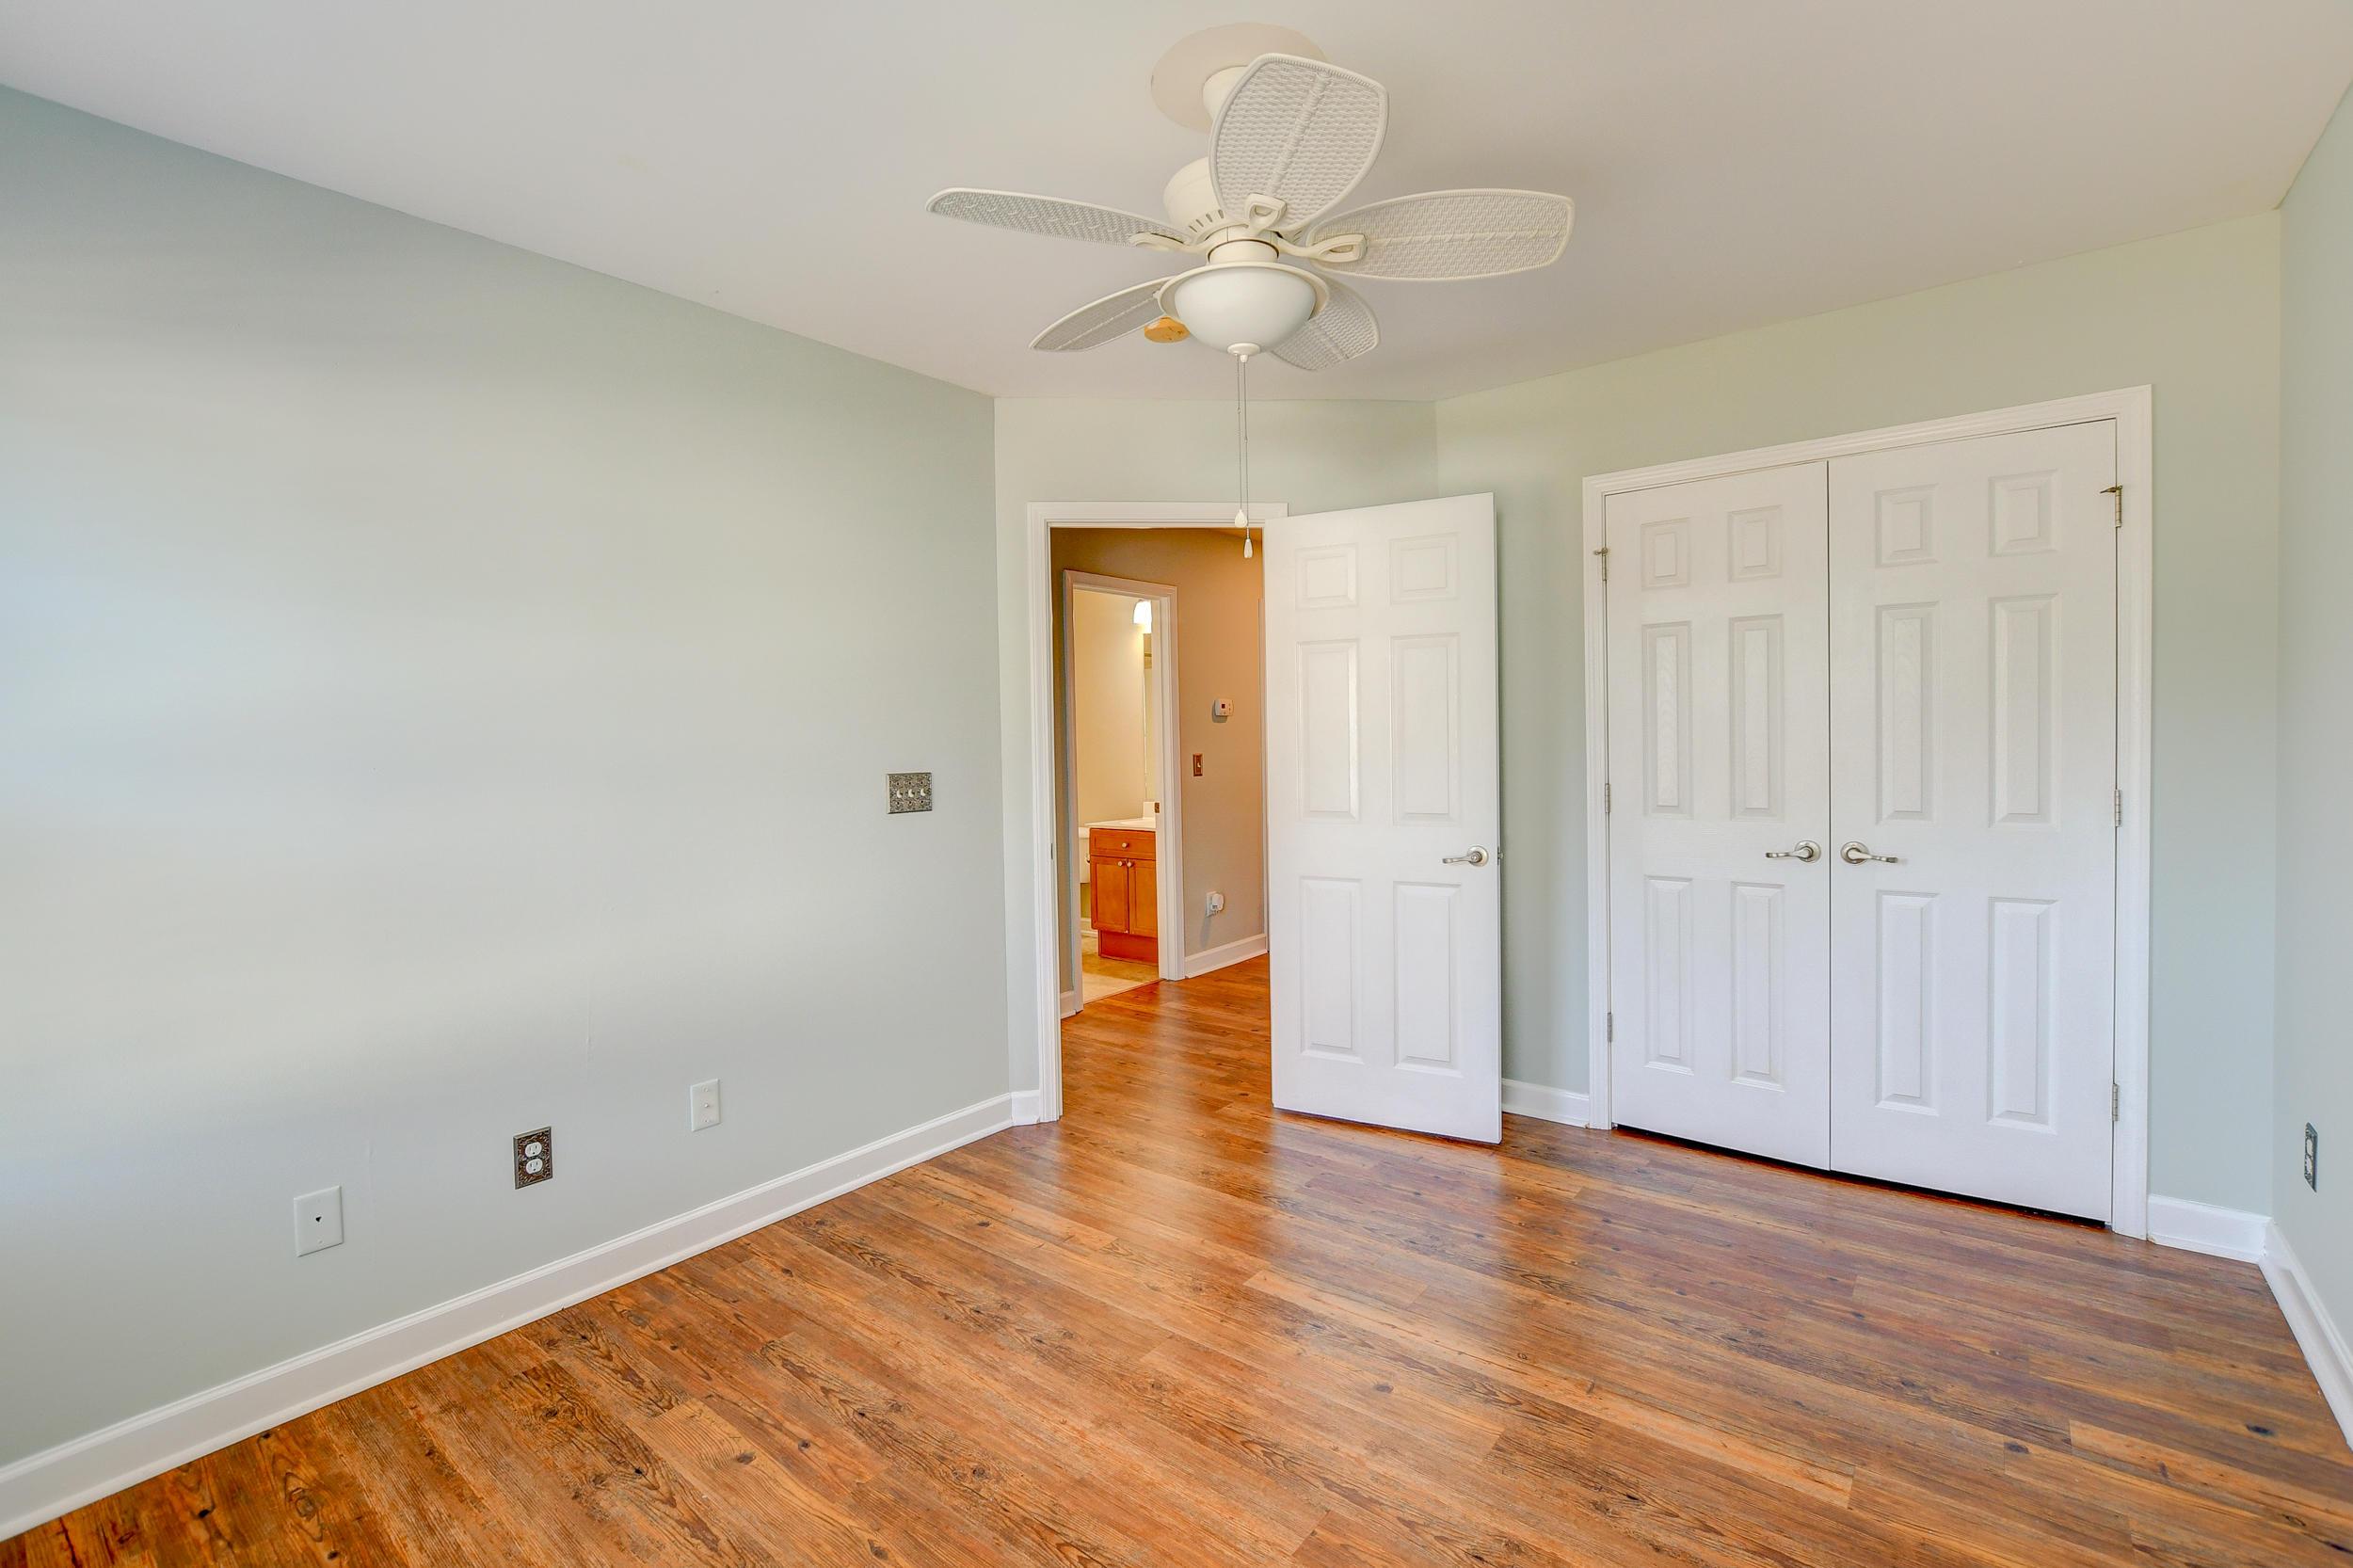 Park West Homes For Sale - 3545 Claremont, Mount Pleasant, SC - 19